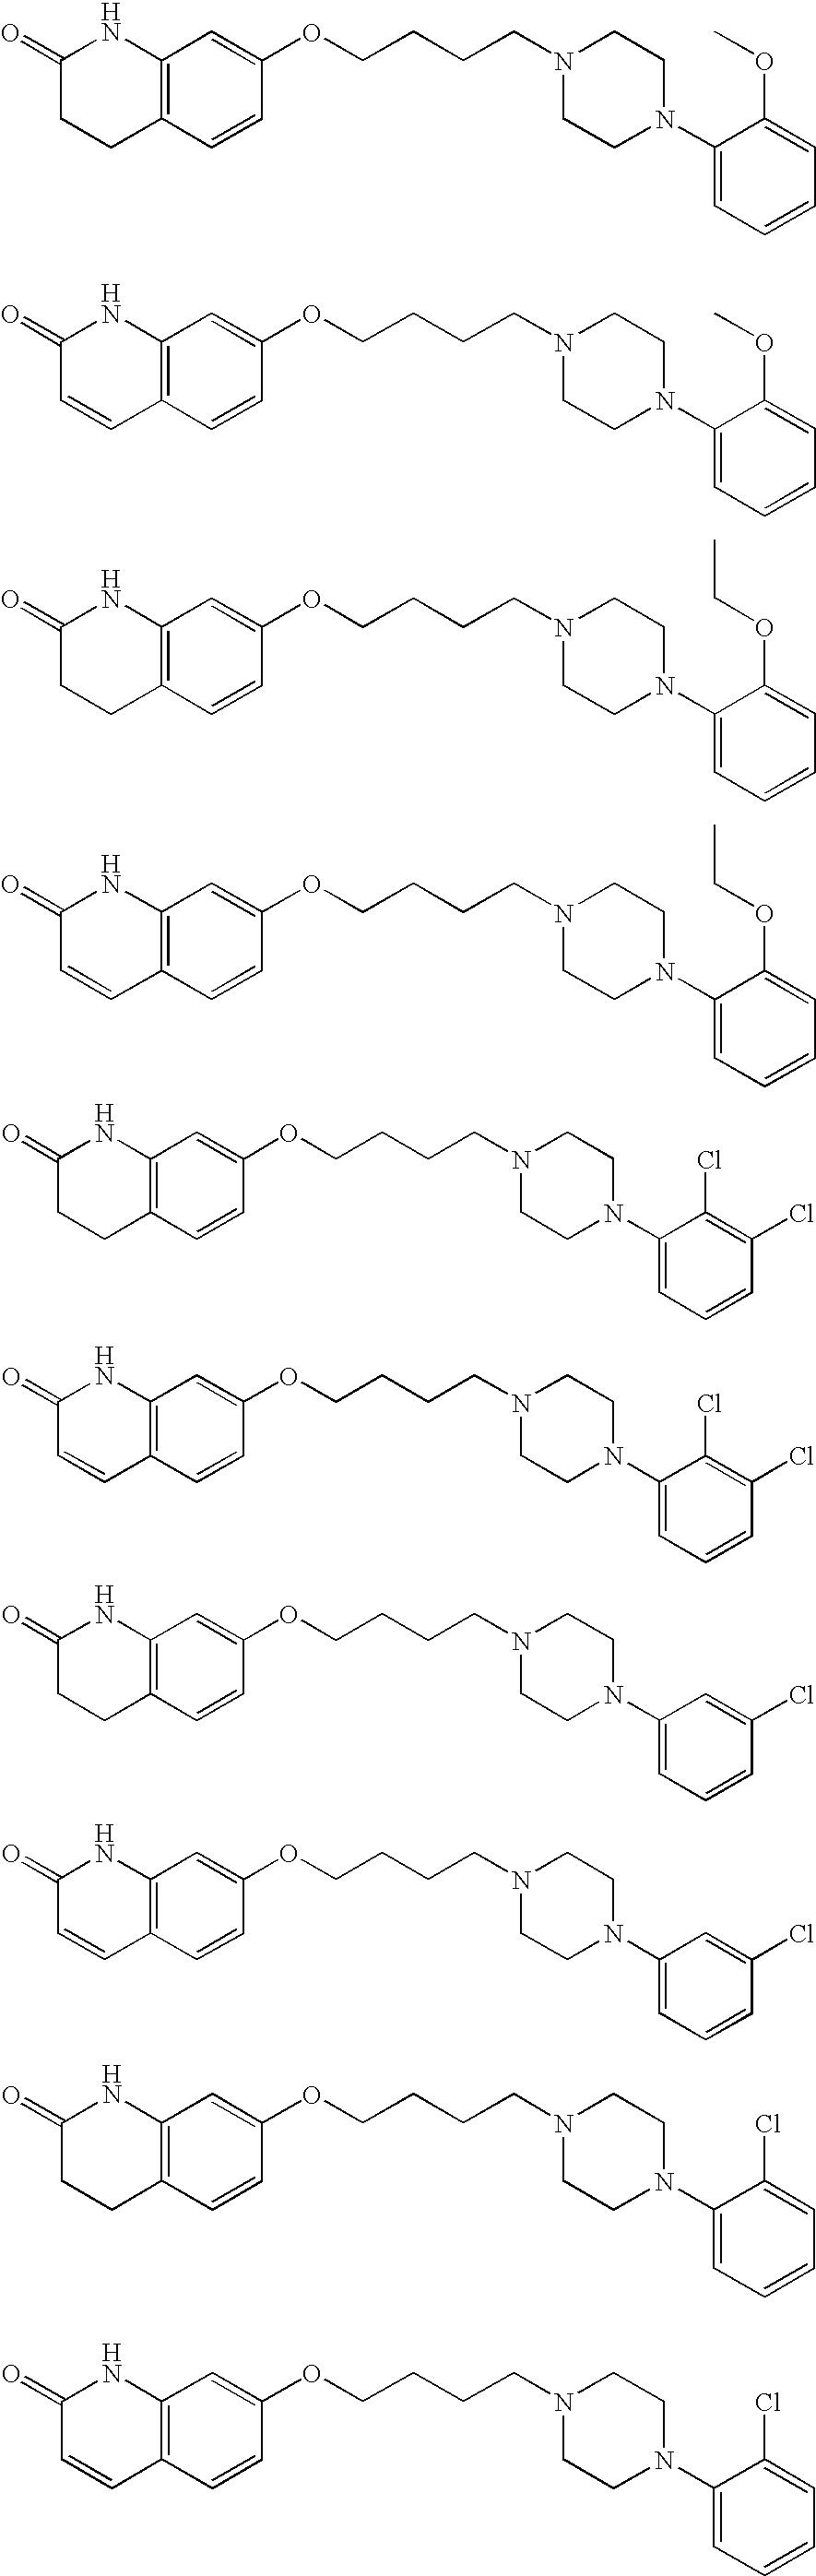 Figure US20100009983A1-20100114-C00109